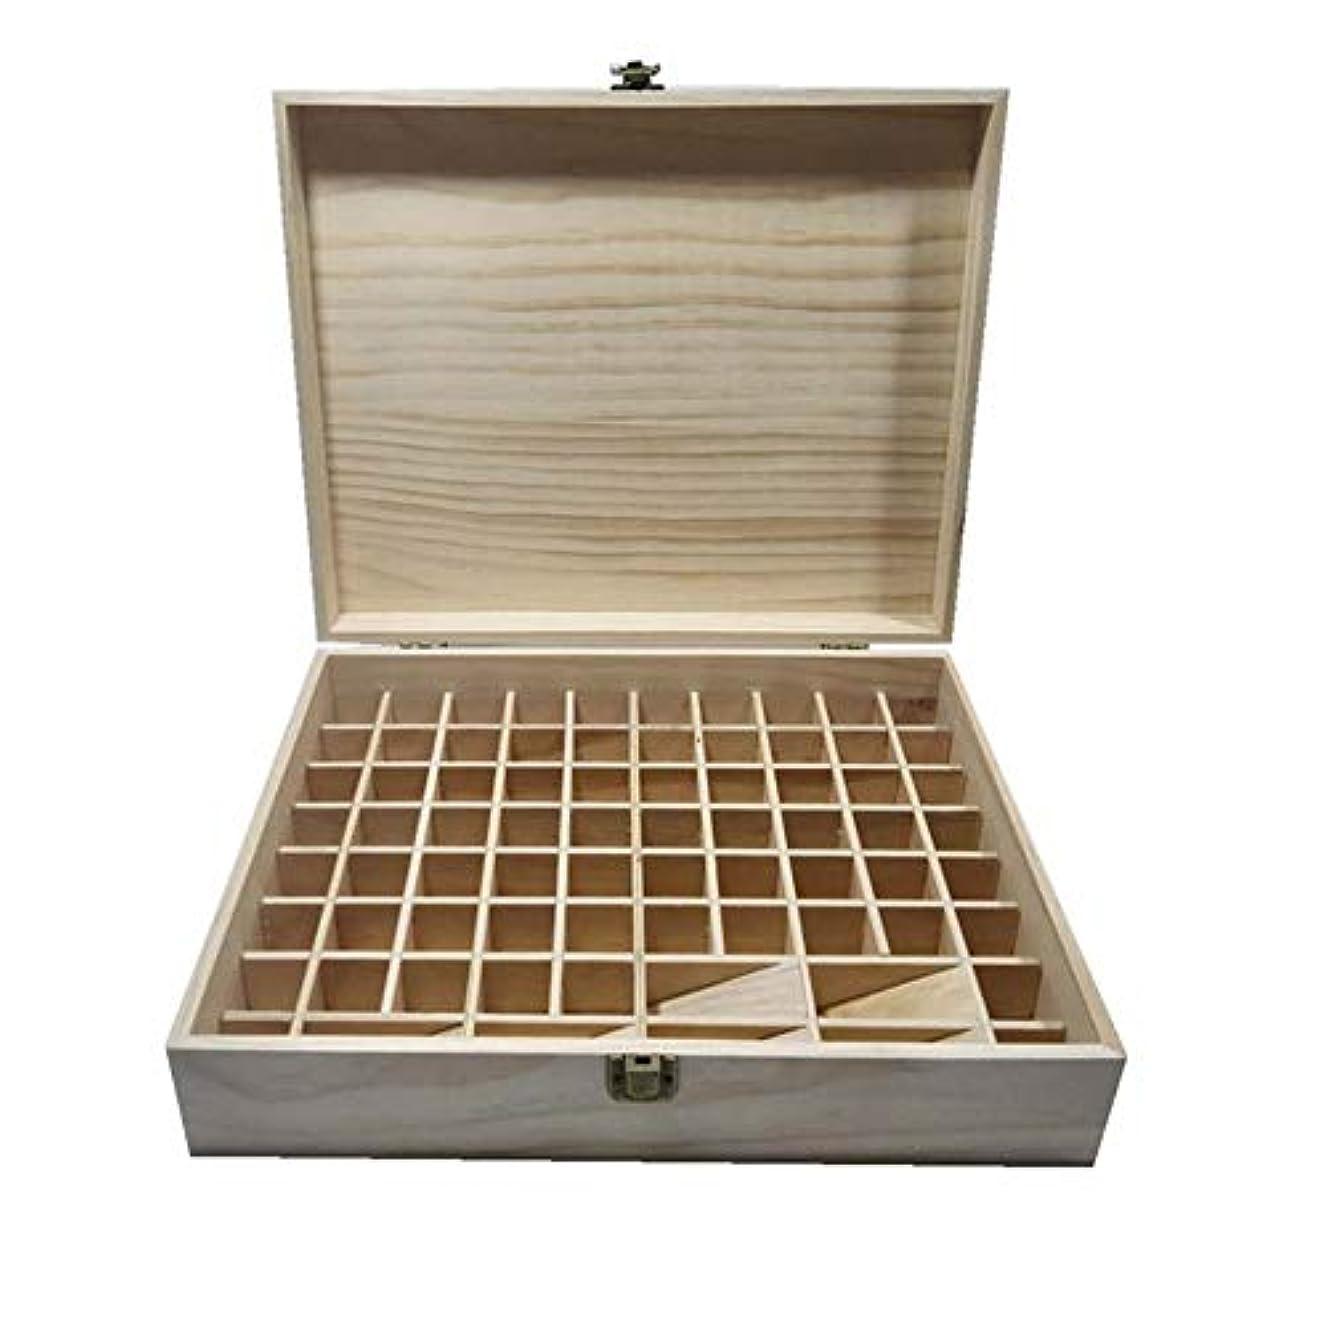 コンデンサーギャラリー原理74スロットエッセンシャルオイルボックス木製収納ケースは、74本のボトルエッセンシャルオイルスペースセーバーの開催します アロマセラピー製品 (色 : Natural, サイズ : 34X27.5X9CM)